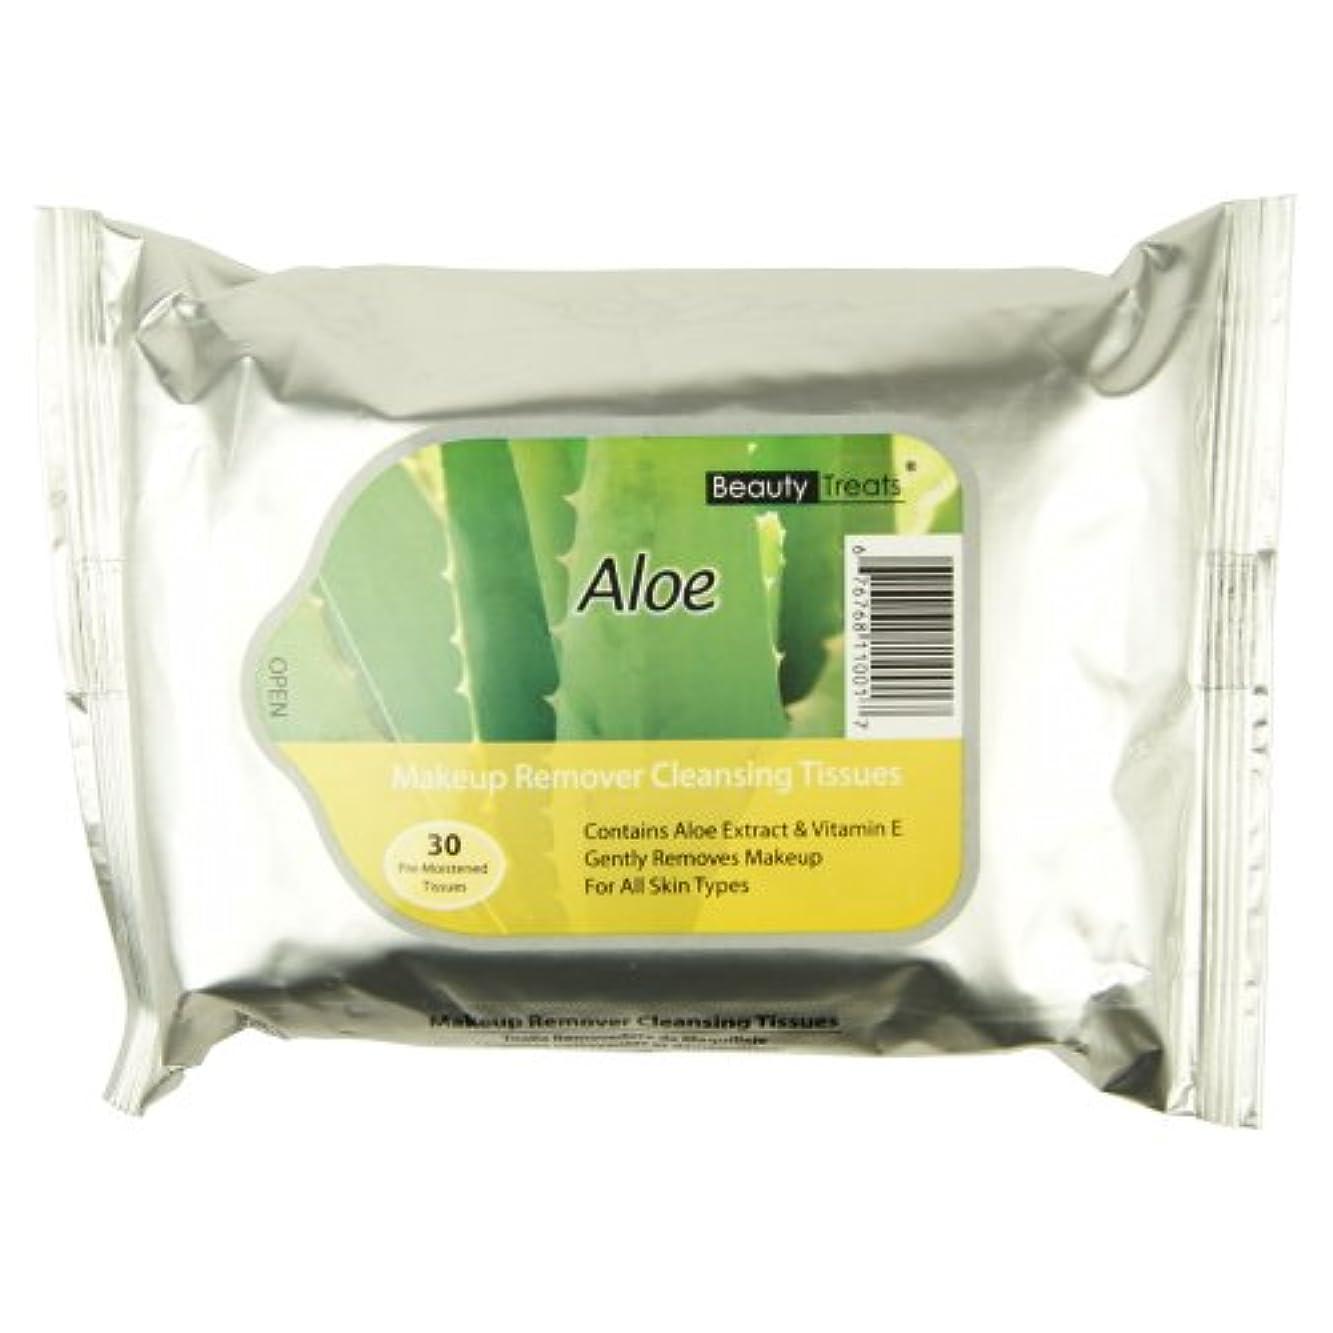 陰謀消える平らなBEAUTY TREATS Makeup Remover Cleansing Tissues - Aloe (並行輸入品)